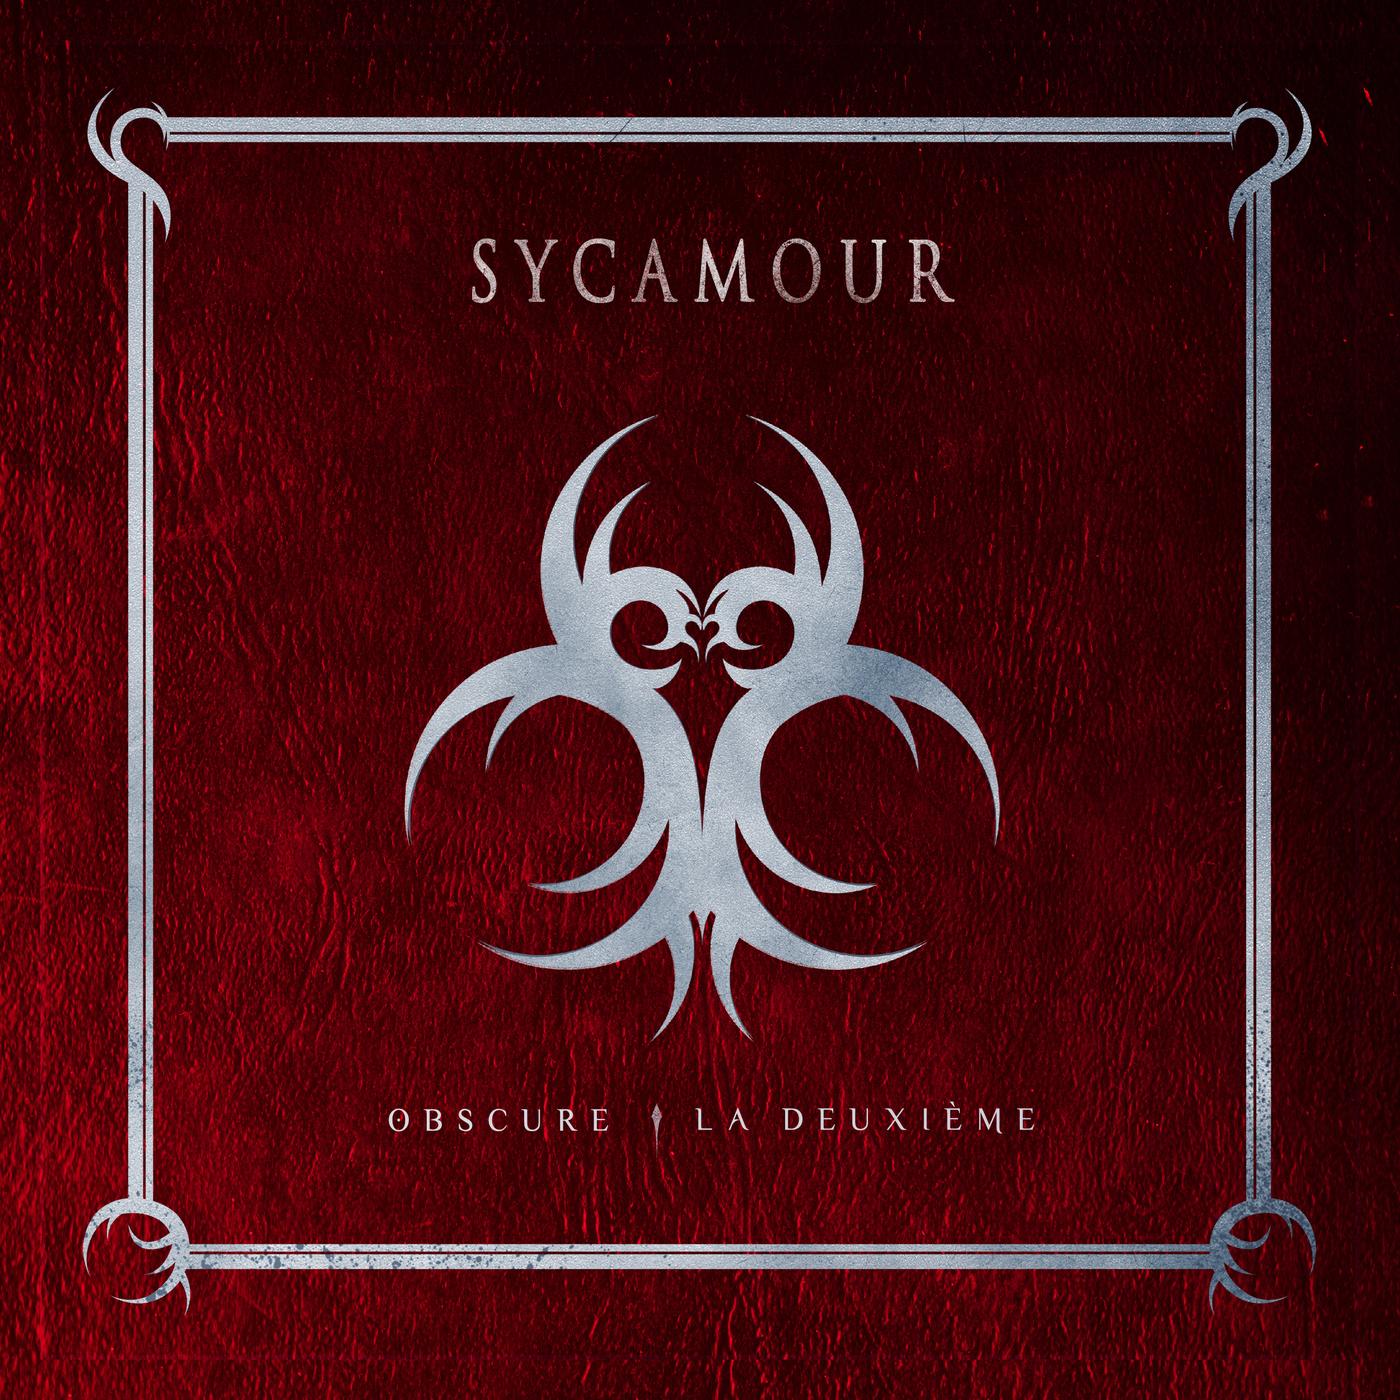 SycAmour - Obscure: La Deuxième (2014)